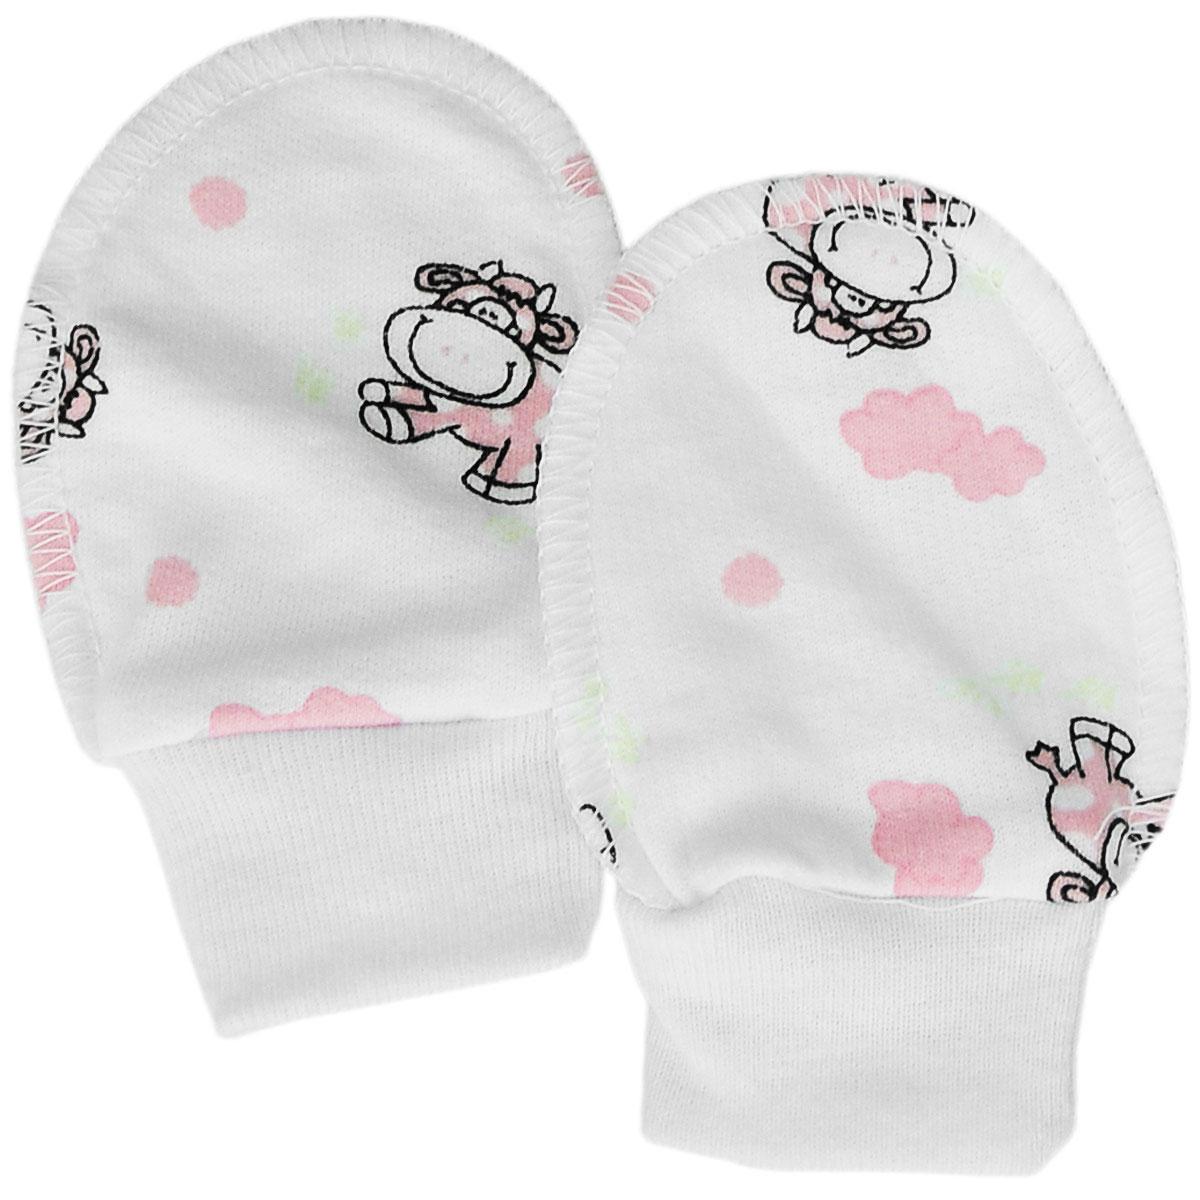 Рукавички5907Теплые рукавички для новорожденного Трон-плюс обеспечат вашему младенцу комфорт во время сна и бодрствования, предохраняя его нежную кожу от расцарапывания. Широкие эластичные манжеты не будут пережимать ручку. Изготовленные из натурального хлопка, они необычайно мягкие и легкие, не раздражают нежную кожу ребенка и хорошо вентилируются, а эластичные швы, выполненную наружу, обеспечивают максимальный комфорт ребенку и не препятствуют его движениям. Рукавички сделают сон вашего малыша спокойным и безопасным.